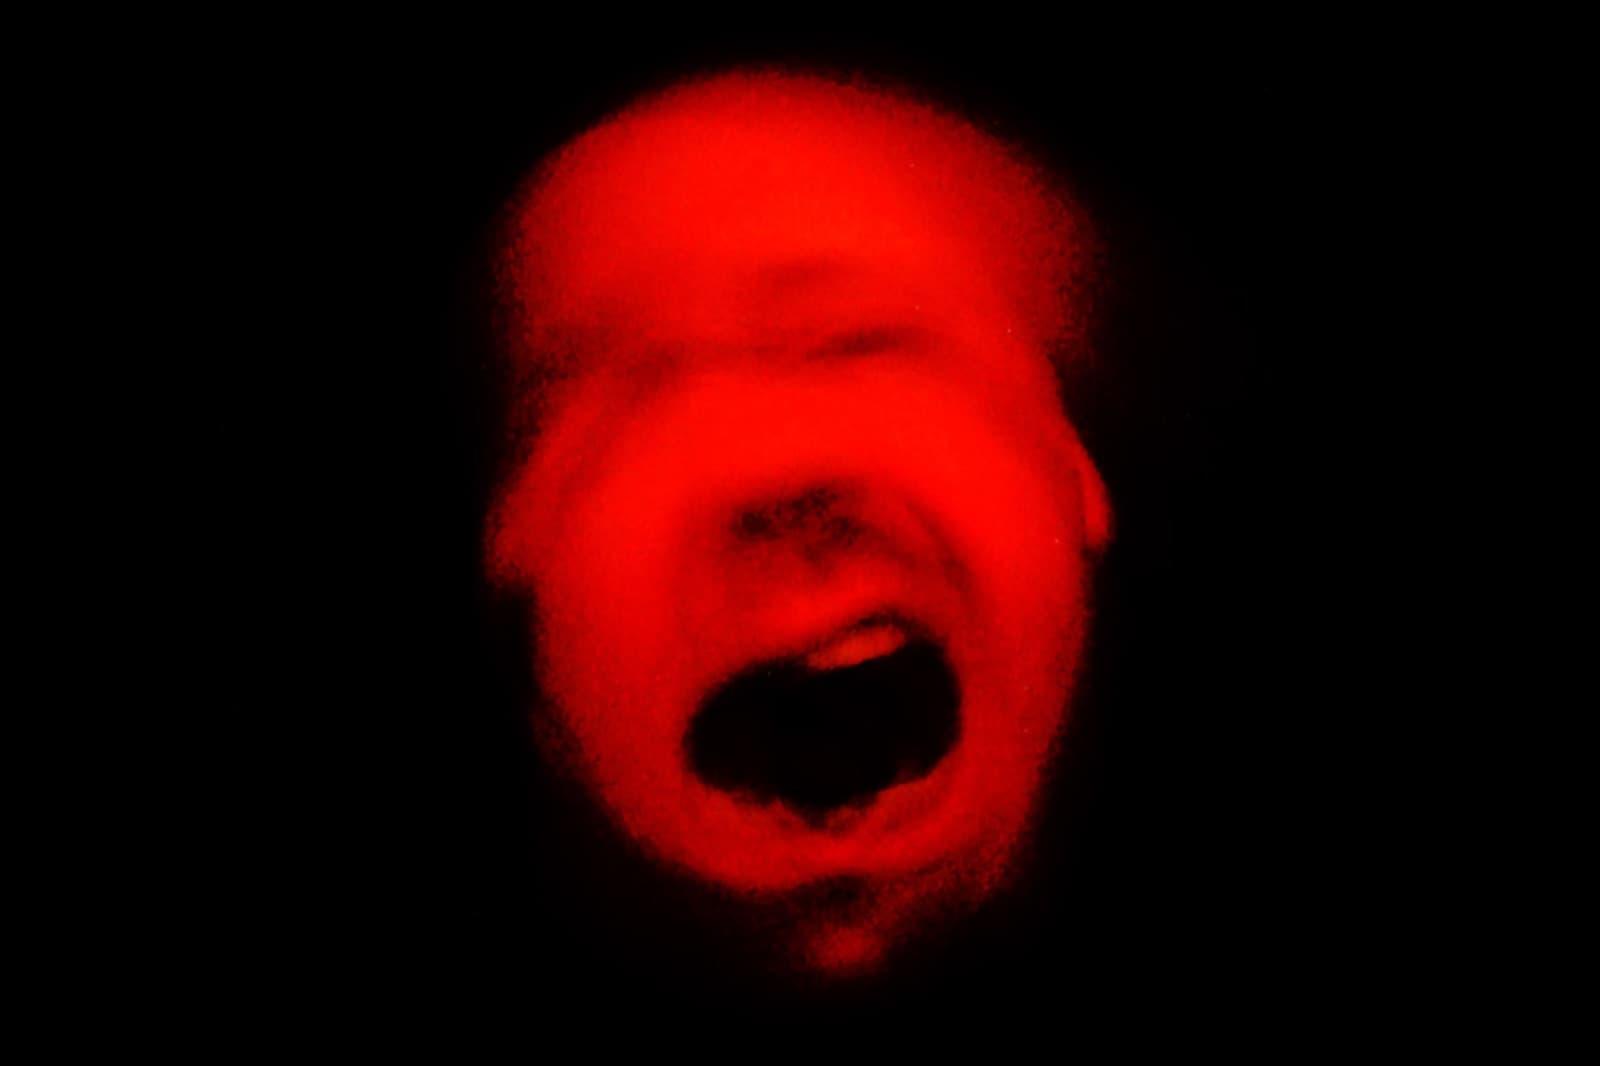 Michele di Donato, Brain Damage, ColornoPhotoLife